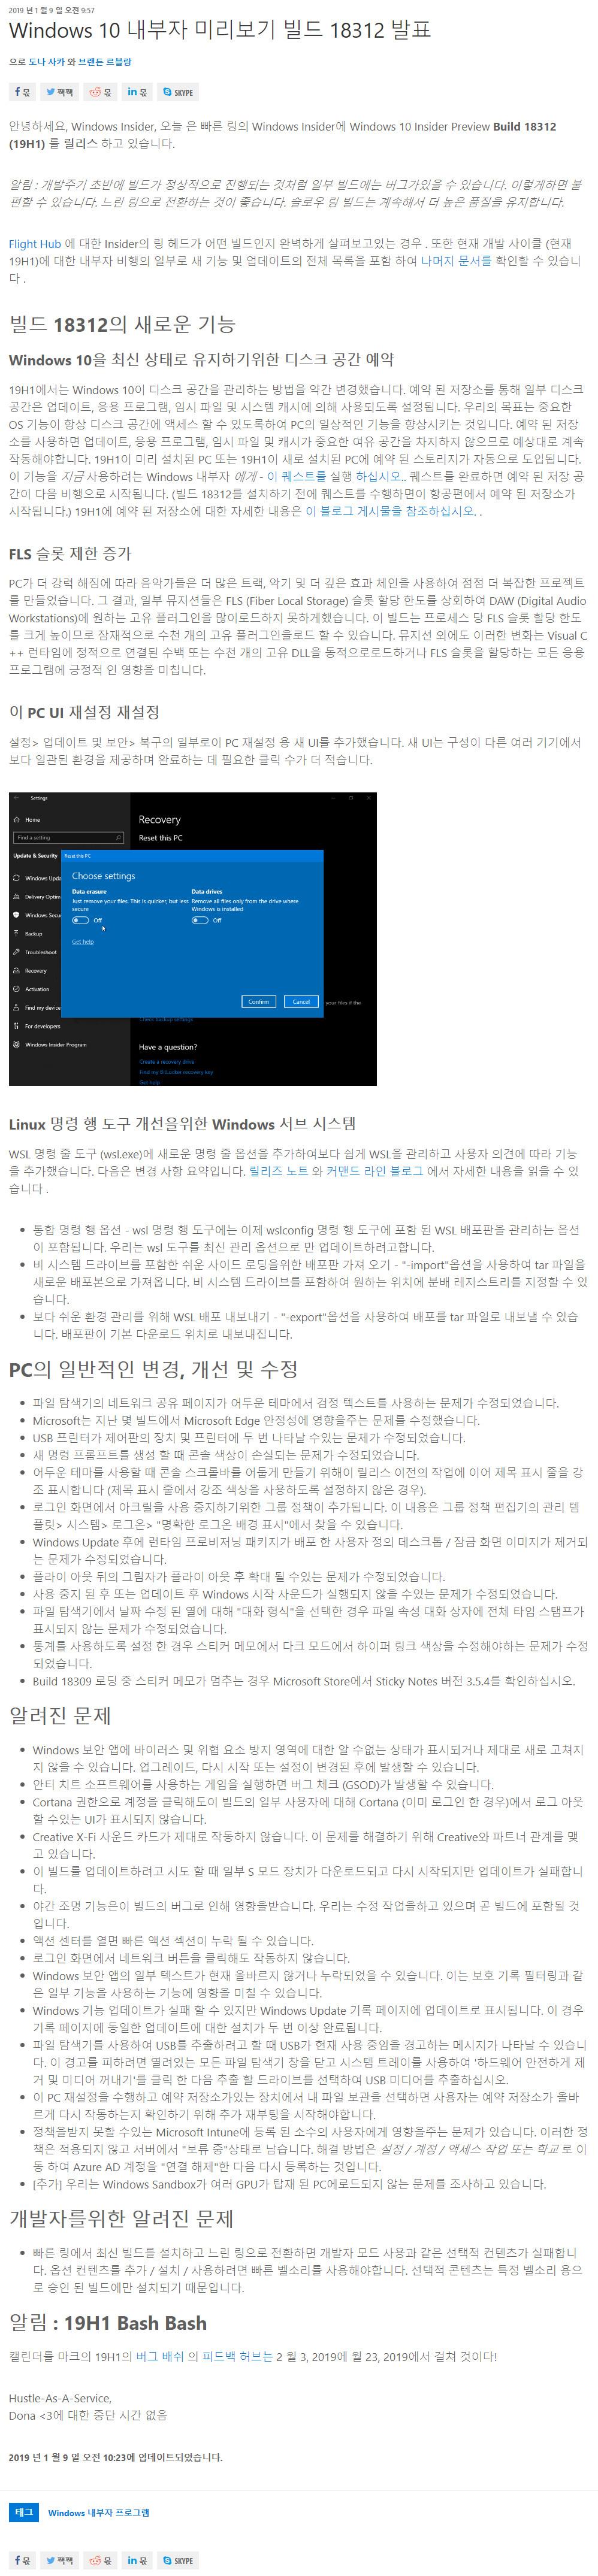 윈도10 19H1 인사이더 프리뷰 18312.1001 빌드 나왔네요 - ms 블로그 - 크롬 번역 2019-01-10_051650.jpg